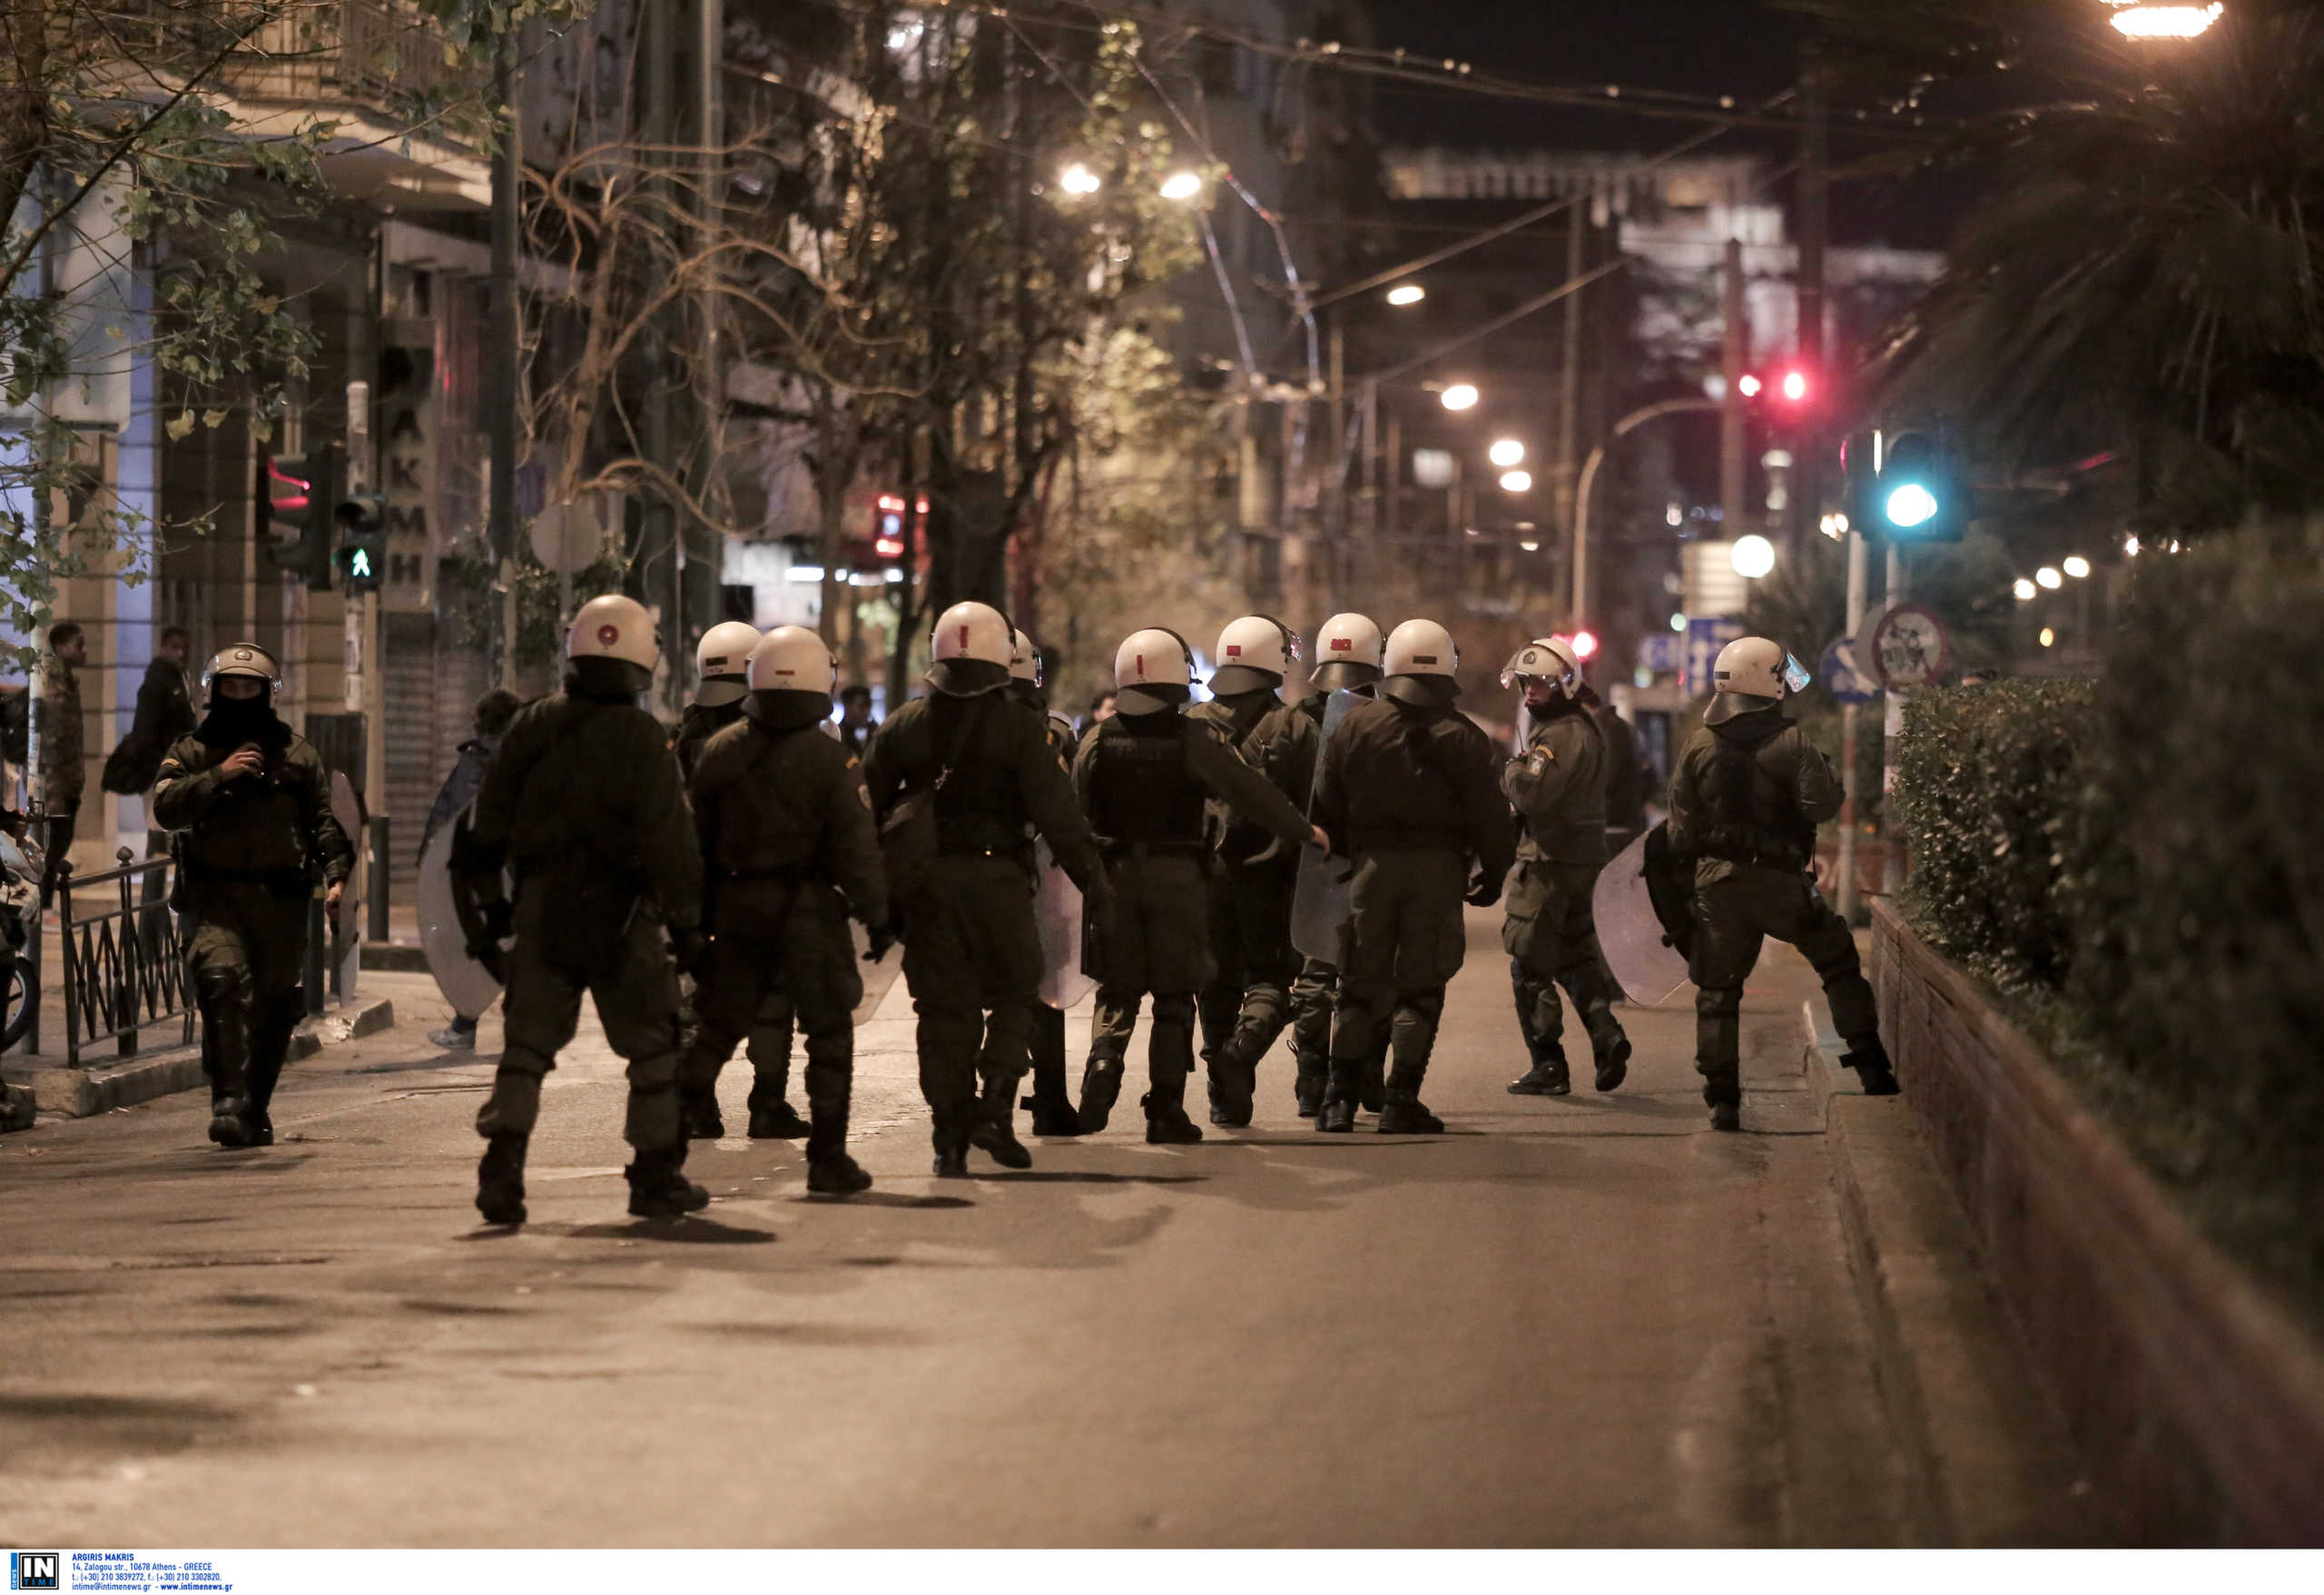 Πεδίο μάχης και πάλι η ΑΣΟΕΕ - Κουκουλοφόροι έσπασαν τζαμαρίες μαγαζιών